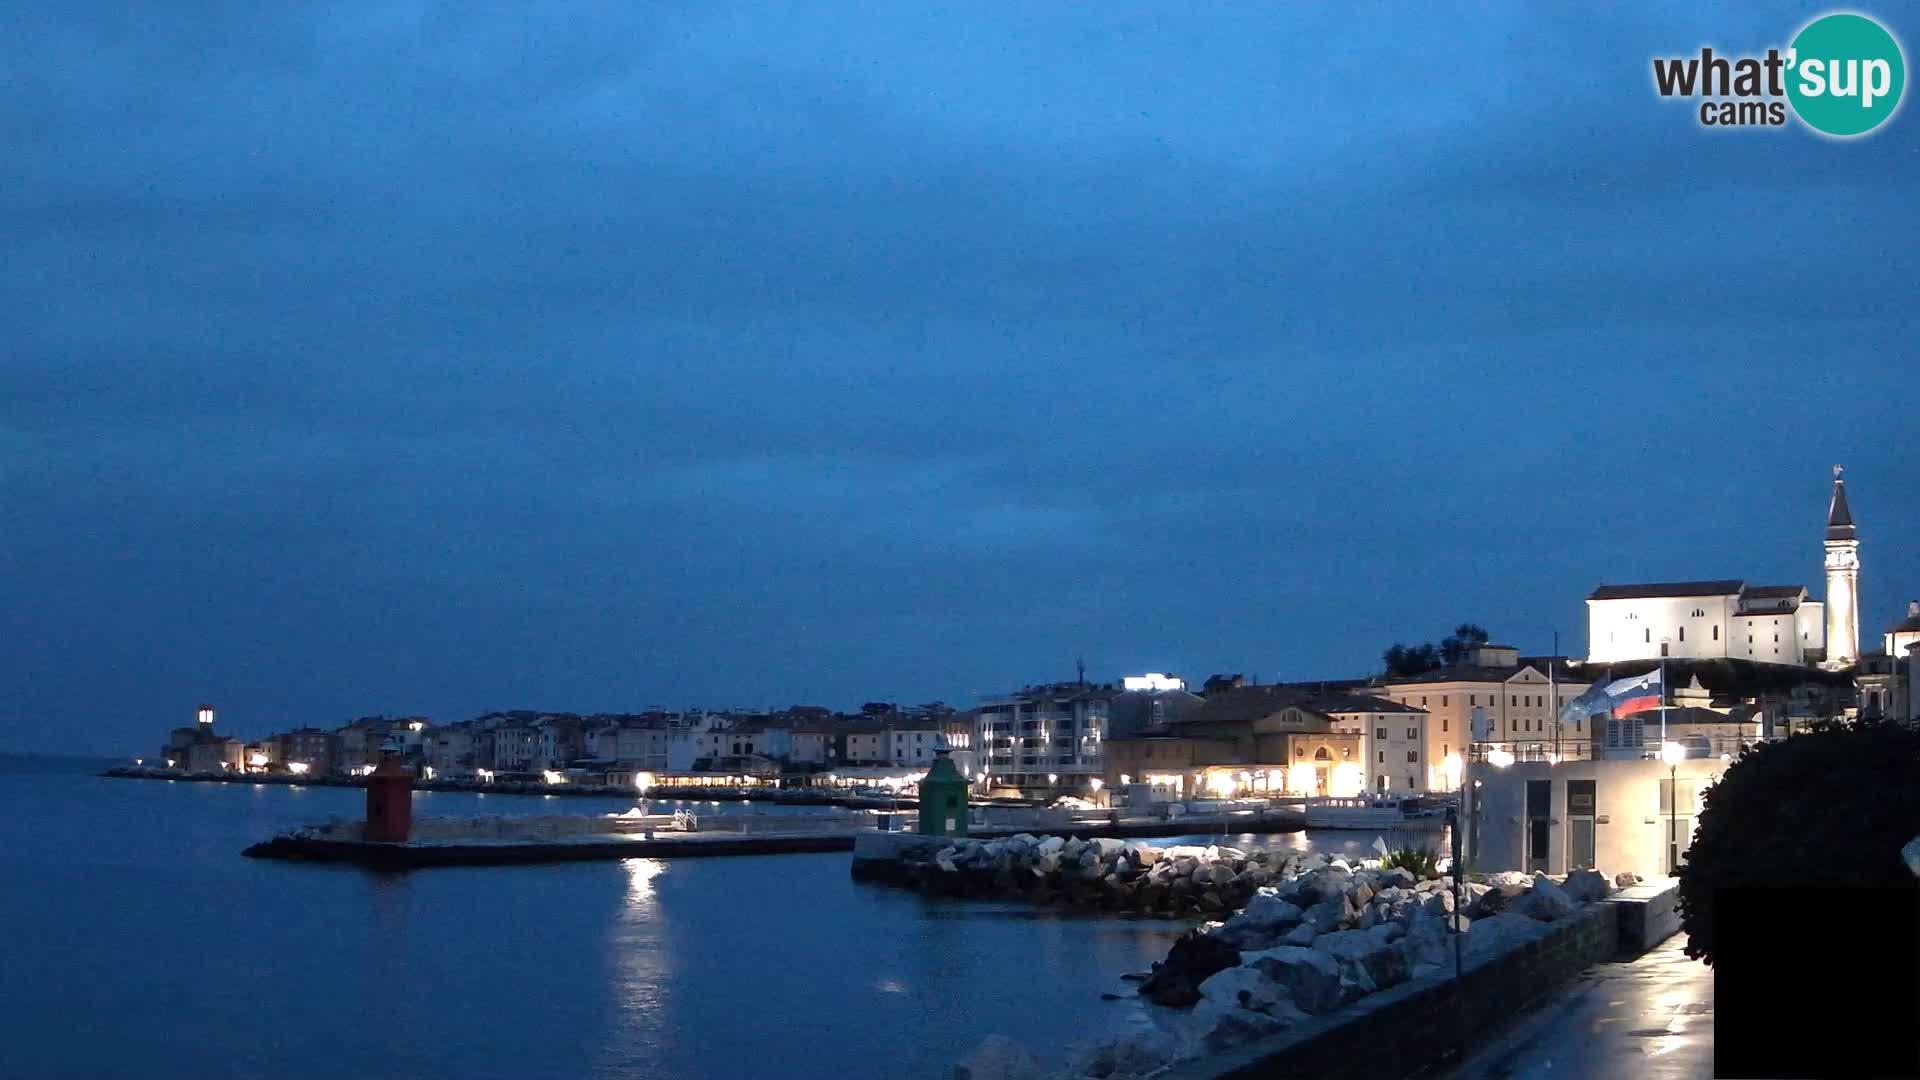 Pirano Gio. 05:28